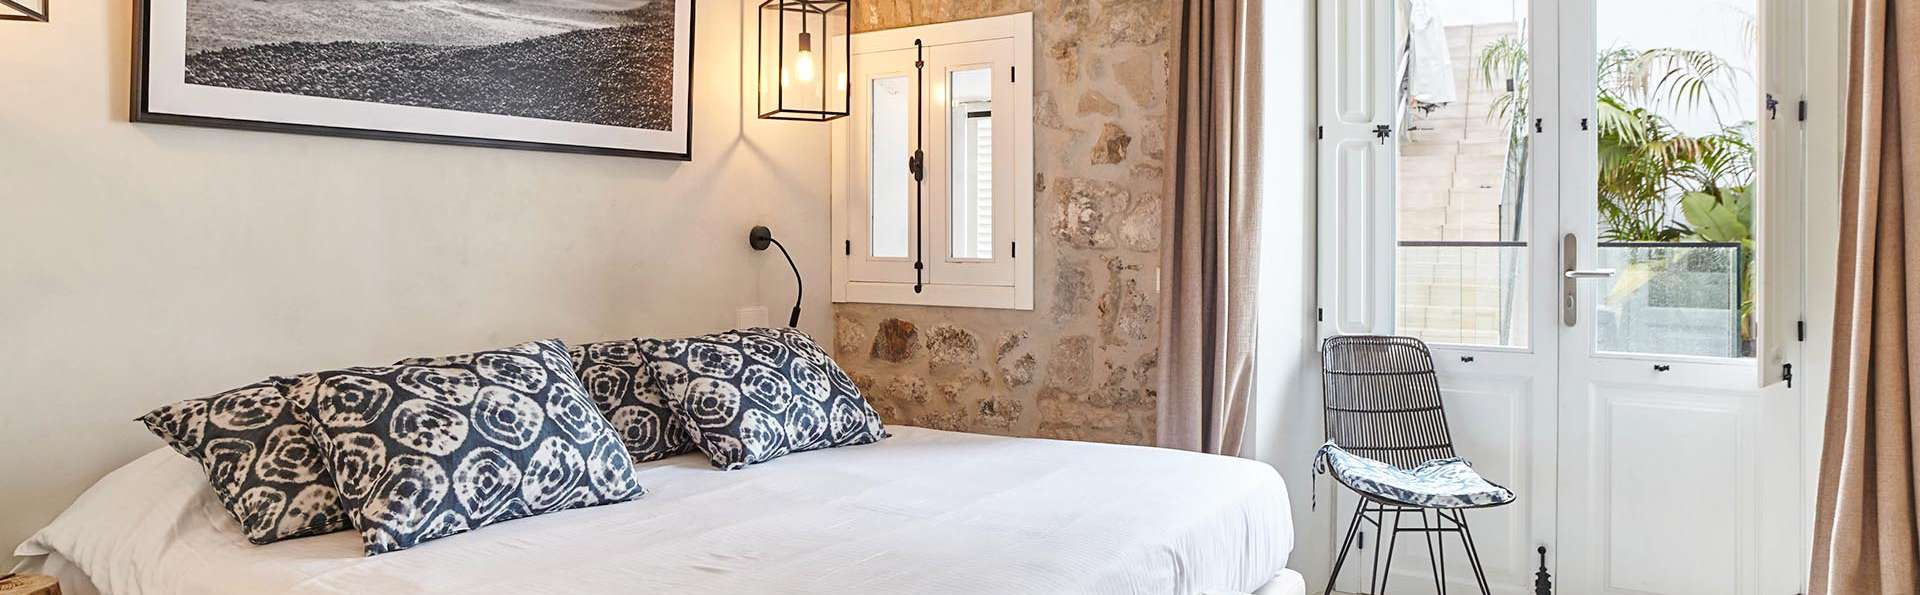 Descubre Ibiza desde un hotel con fantásticas vistas al mar, al puerto y a la ciudad